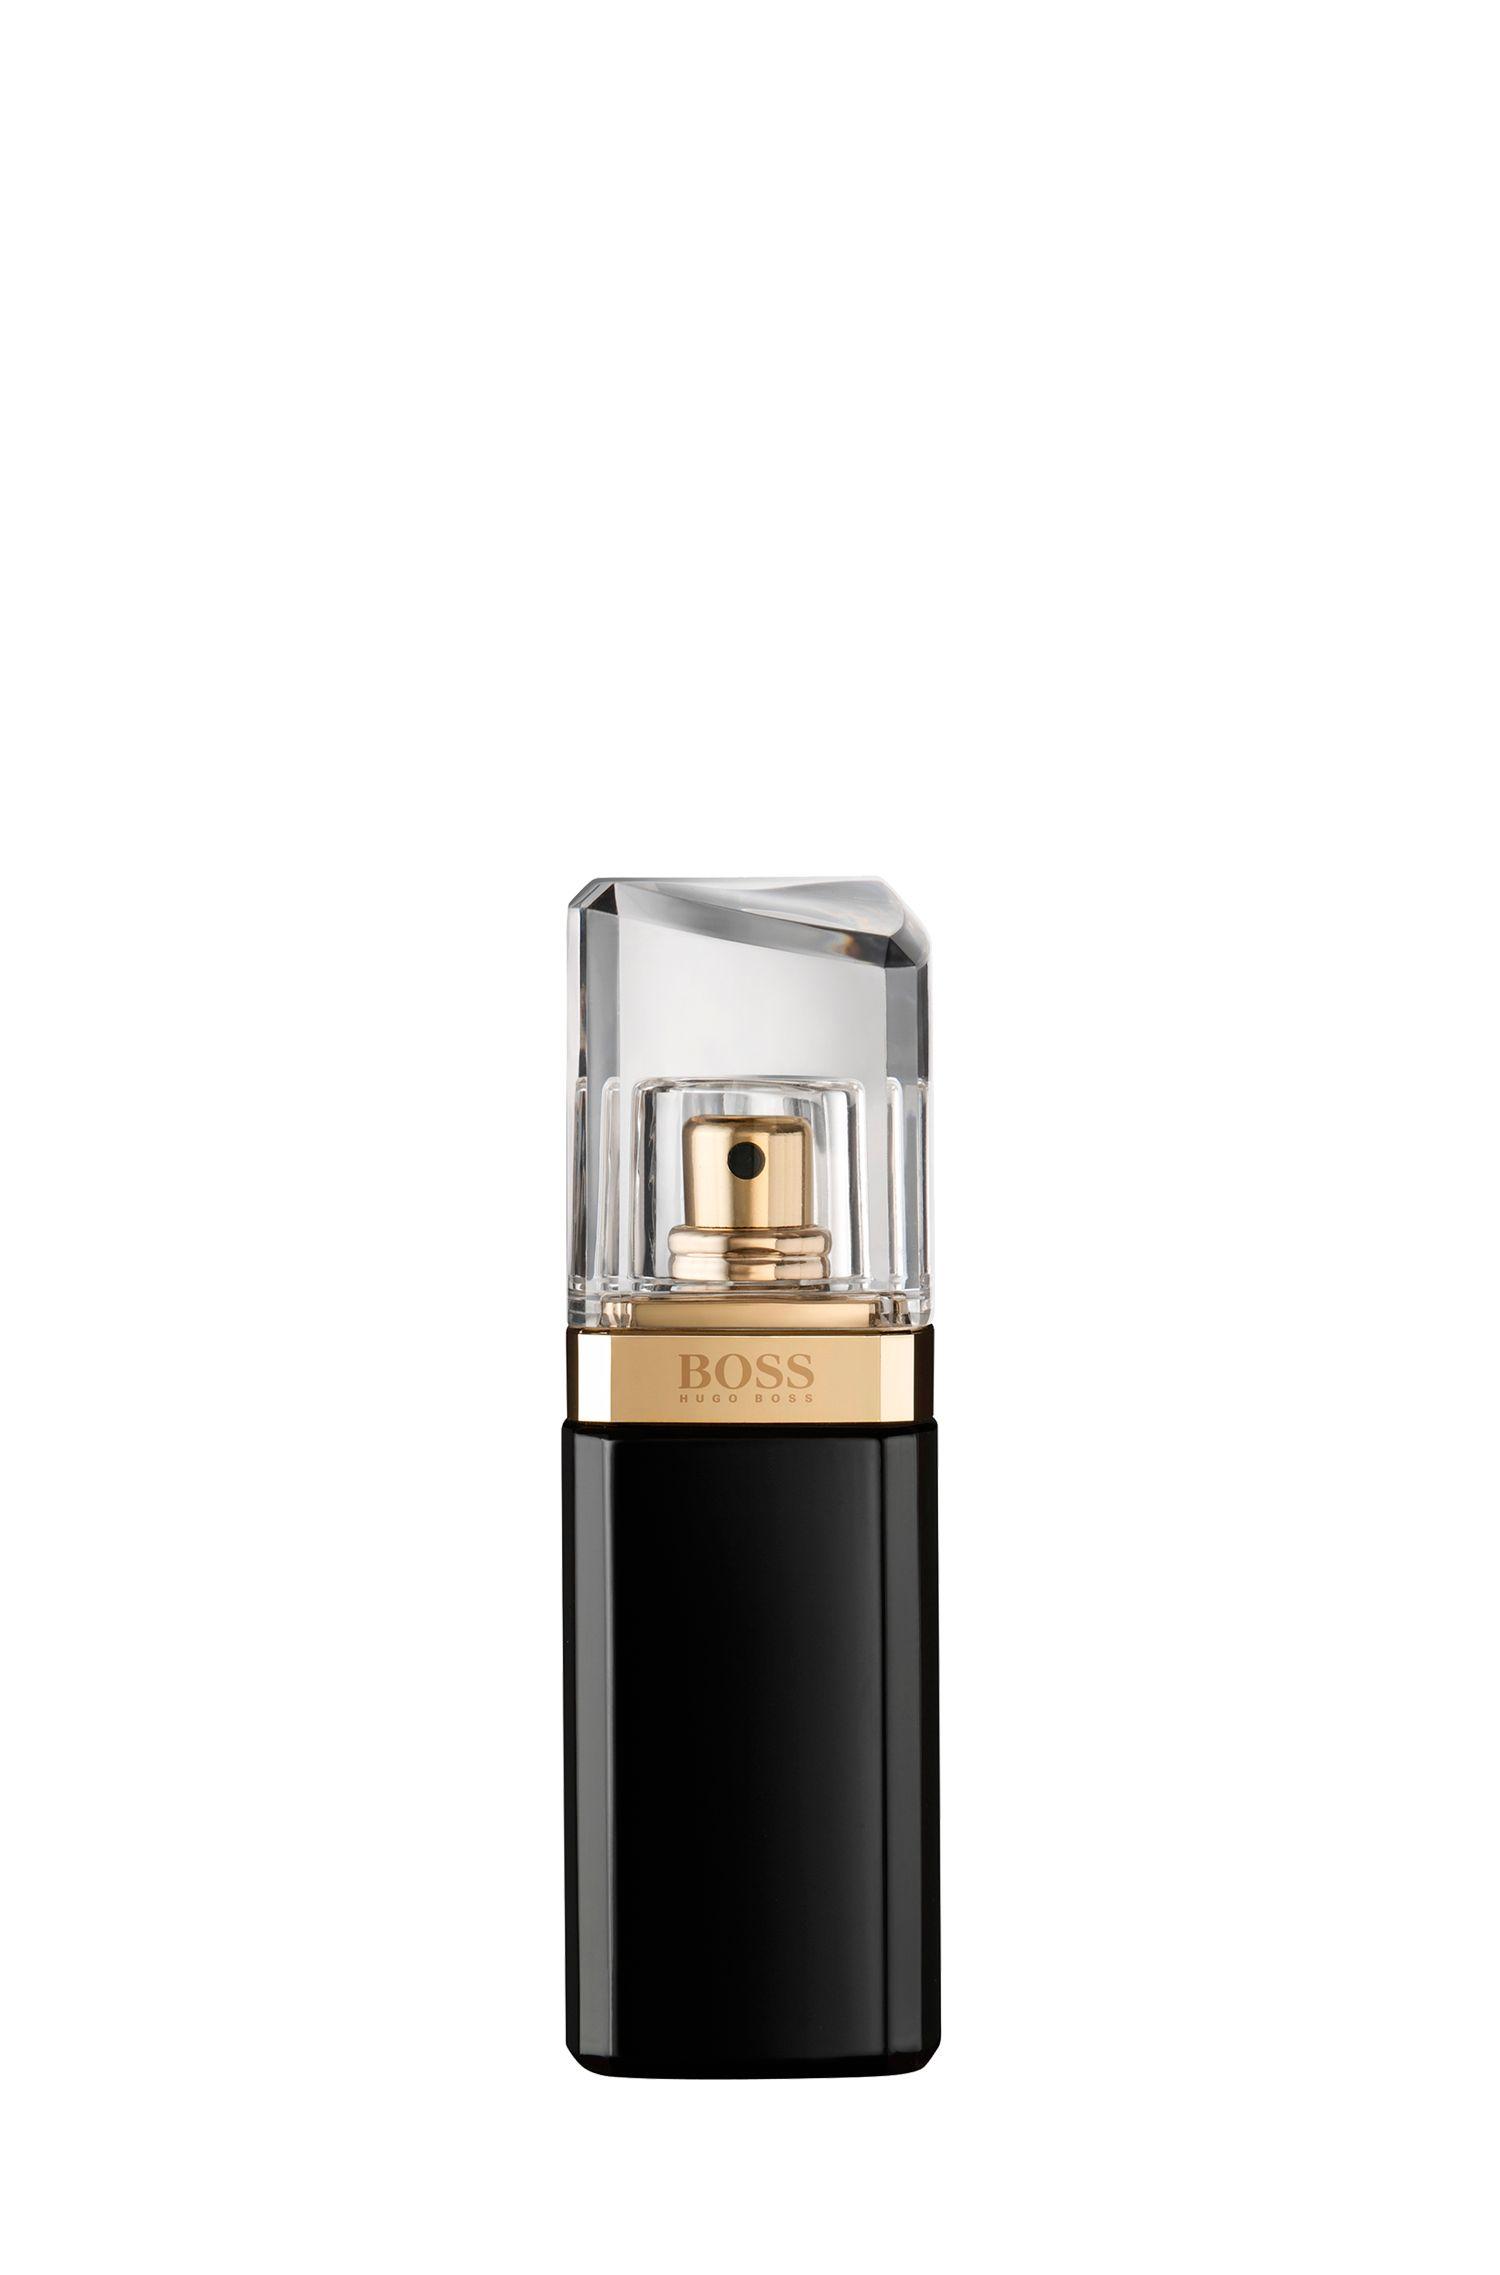 Eau de Parfum BOSS Nuit pour femme, 30ml